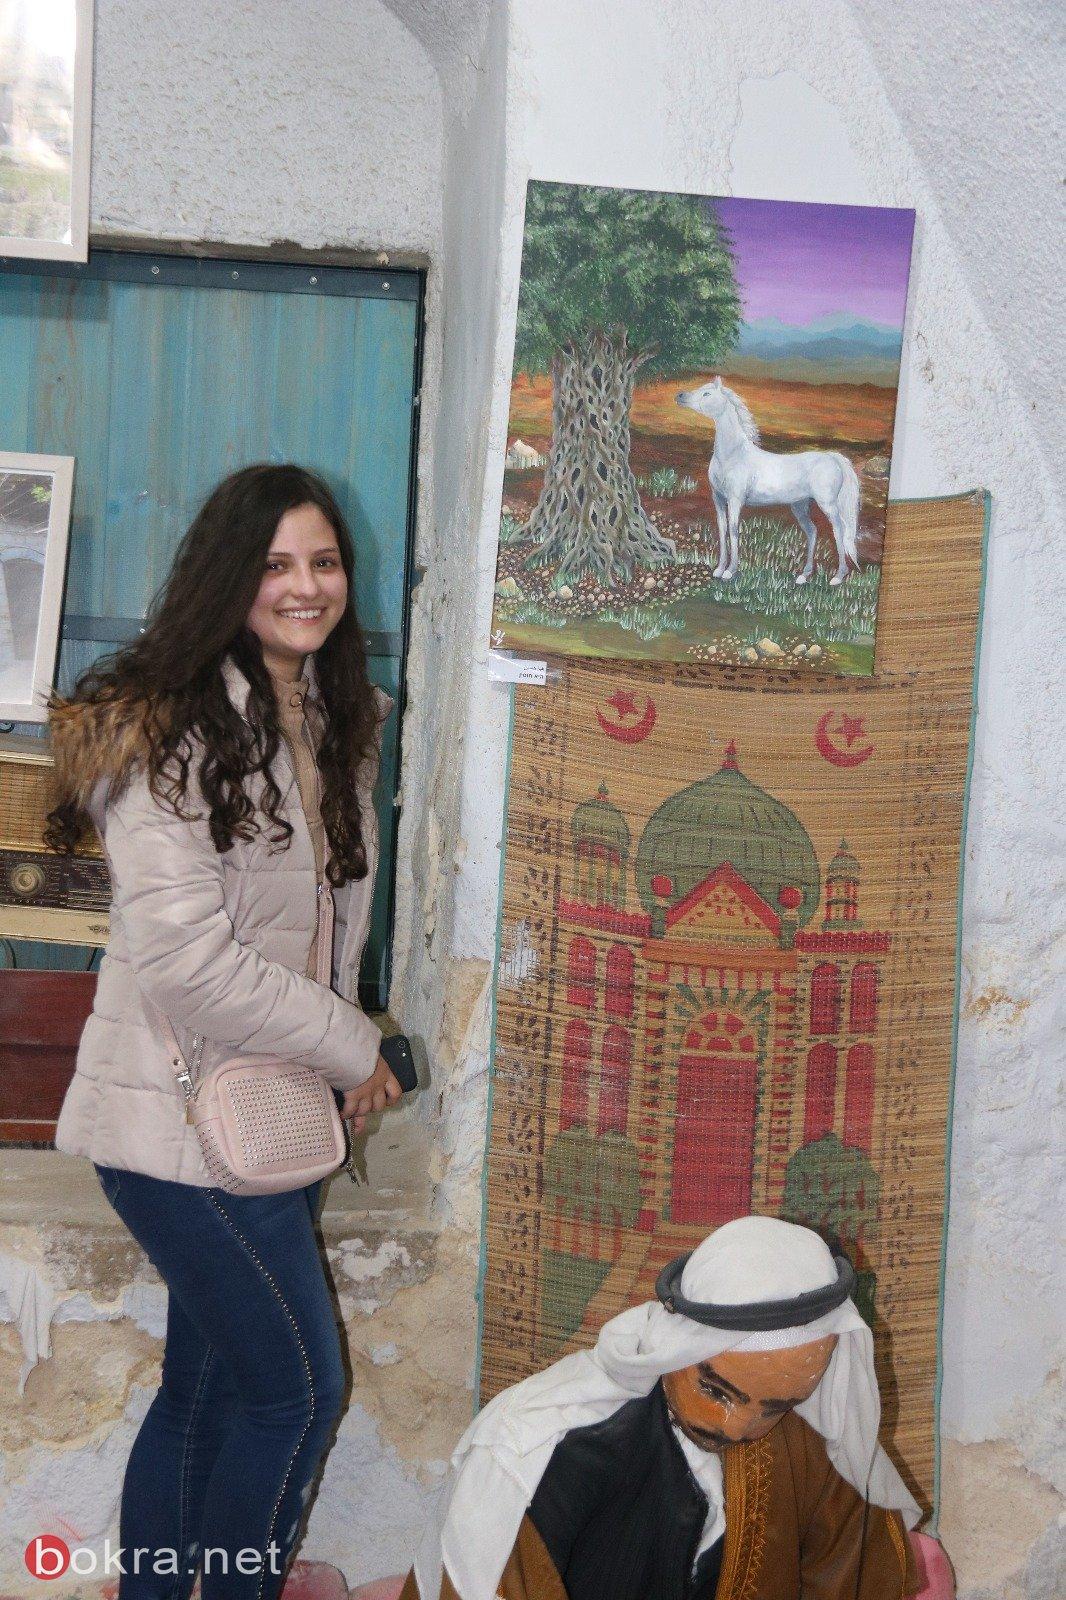 مركز التراث العربي في سخنين يستضيف المعرض التشكيلي  شجرة الزيتون 3